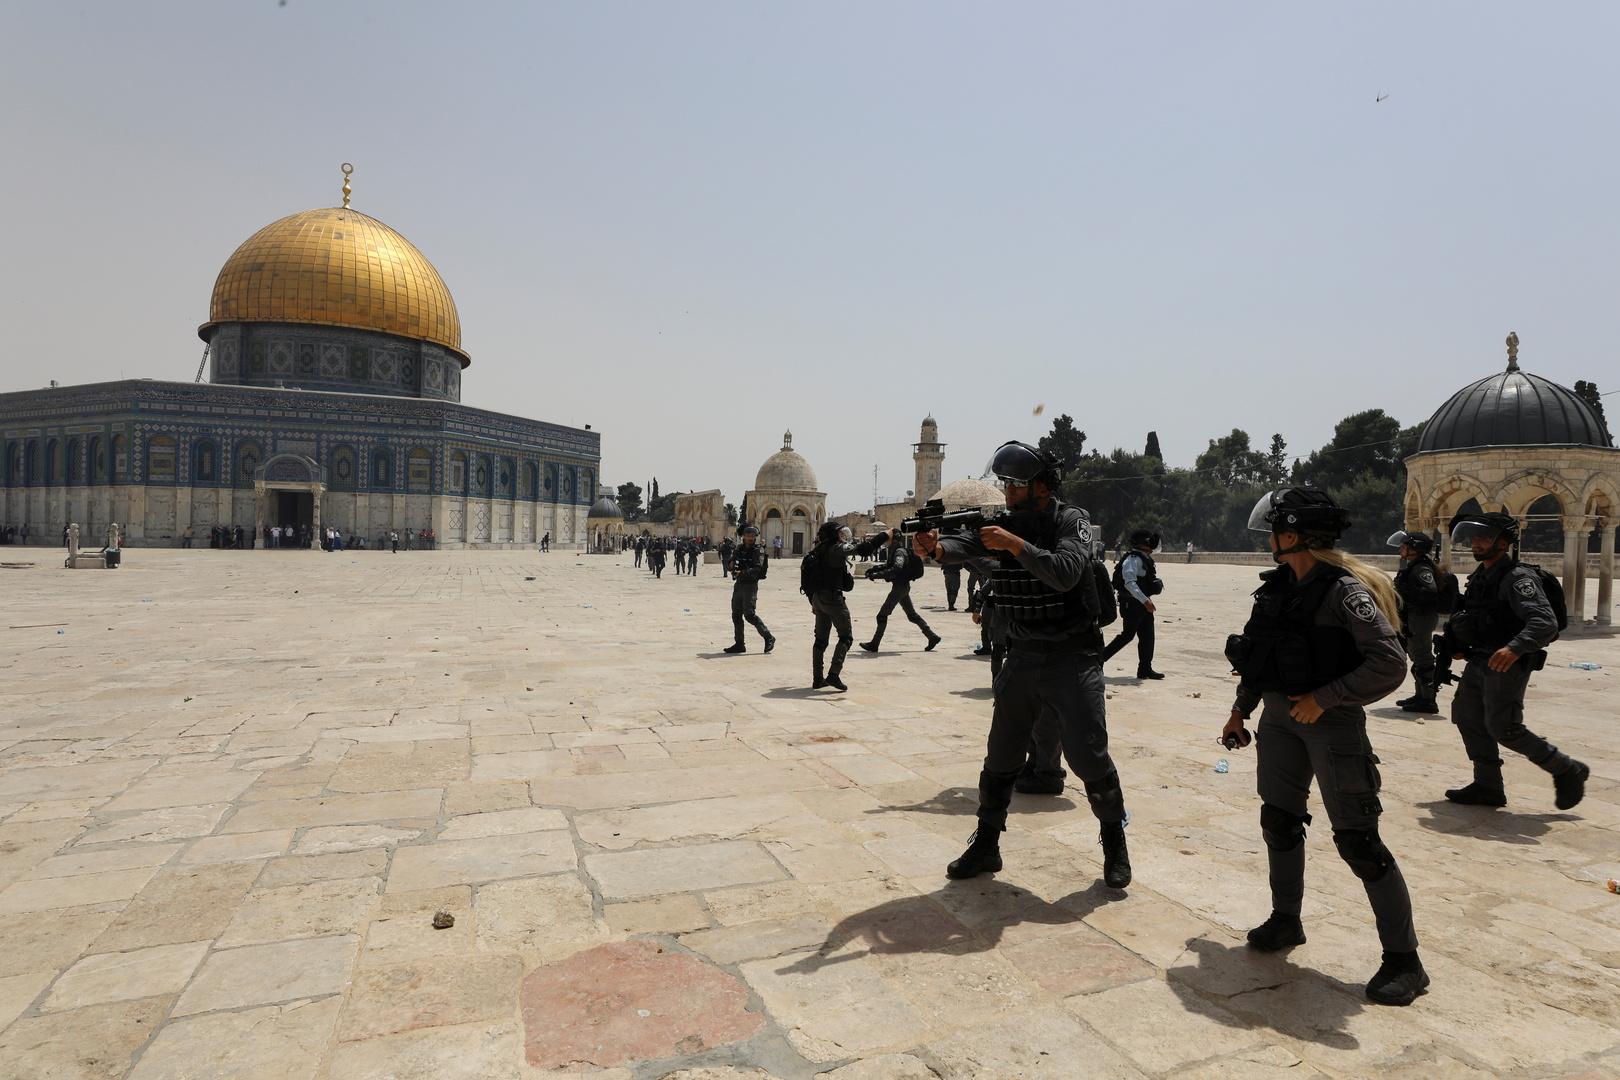 وسط دعوات لتكثيف الاقتحامات للمسجد الأقصى خلال الأيام القادمة.. عشرات المستوطنين يقتحمون المسجد